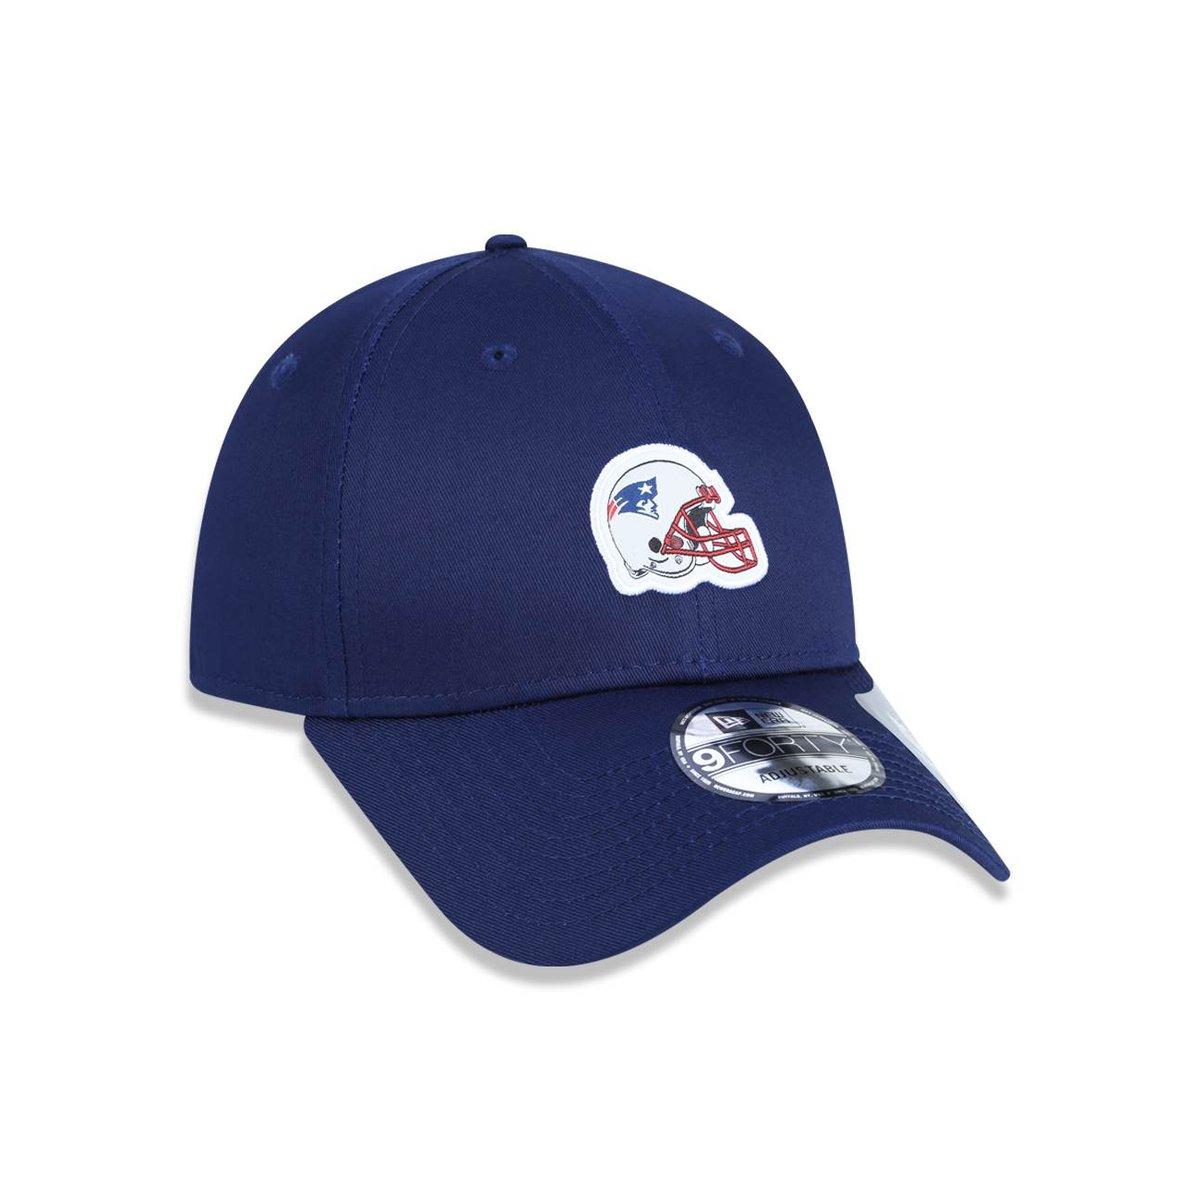 ... Boné 940 New England Patriots NFL Aba Curva Snapback New Era ... 23bb8b85bc0